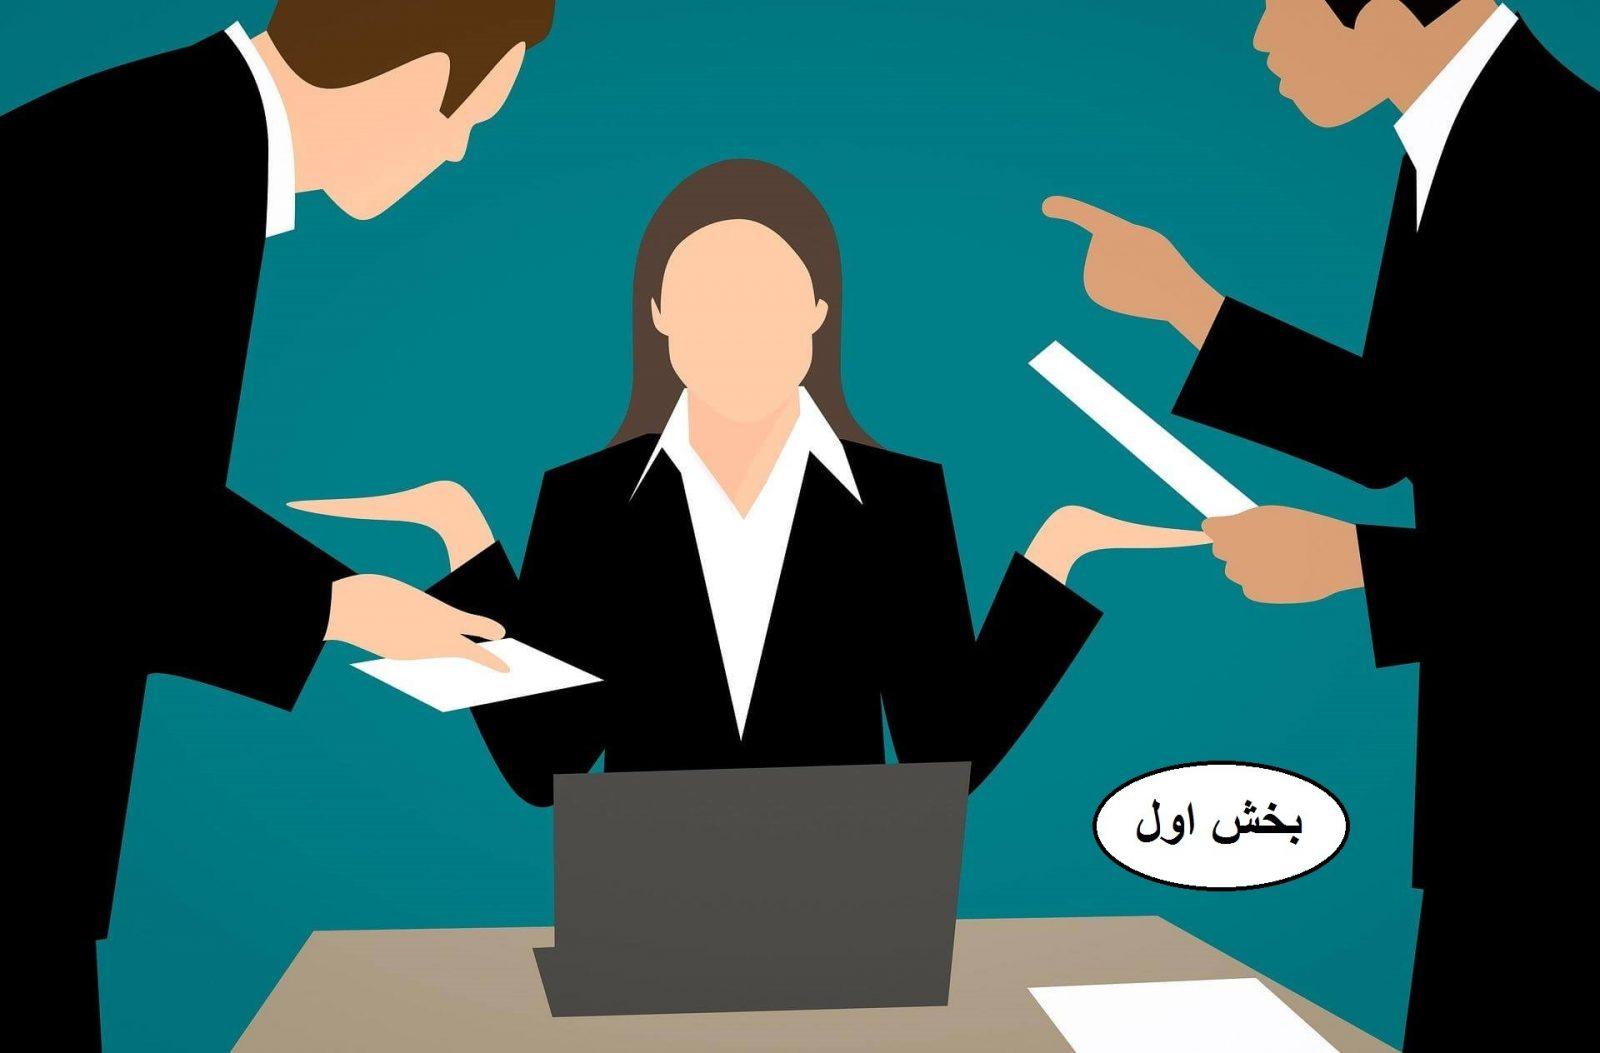 تعارض مدیریت تعارض تعارضات تعارضات سازمانی conflict management